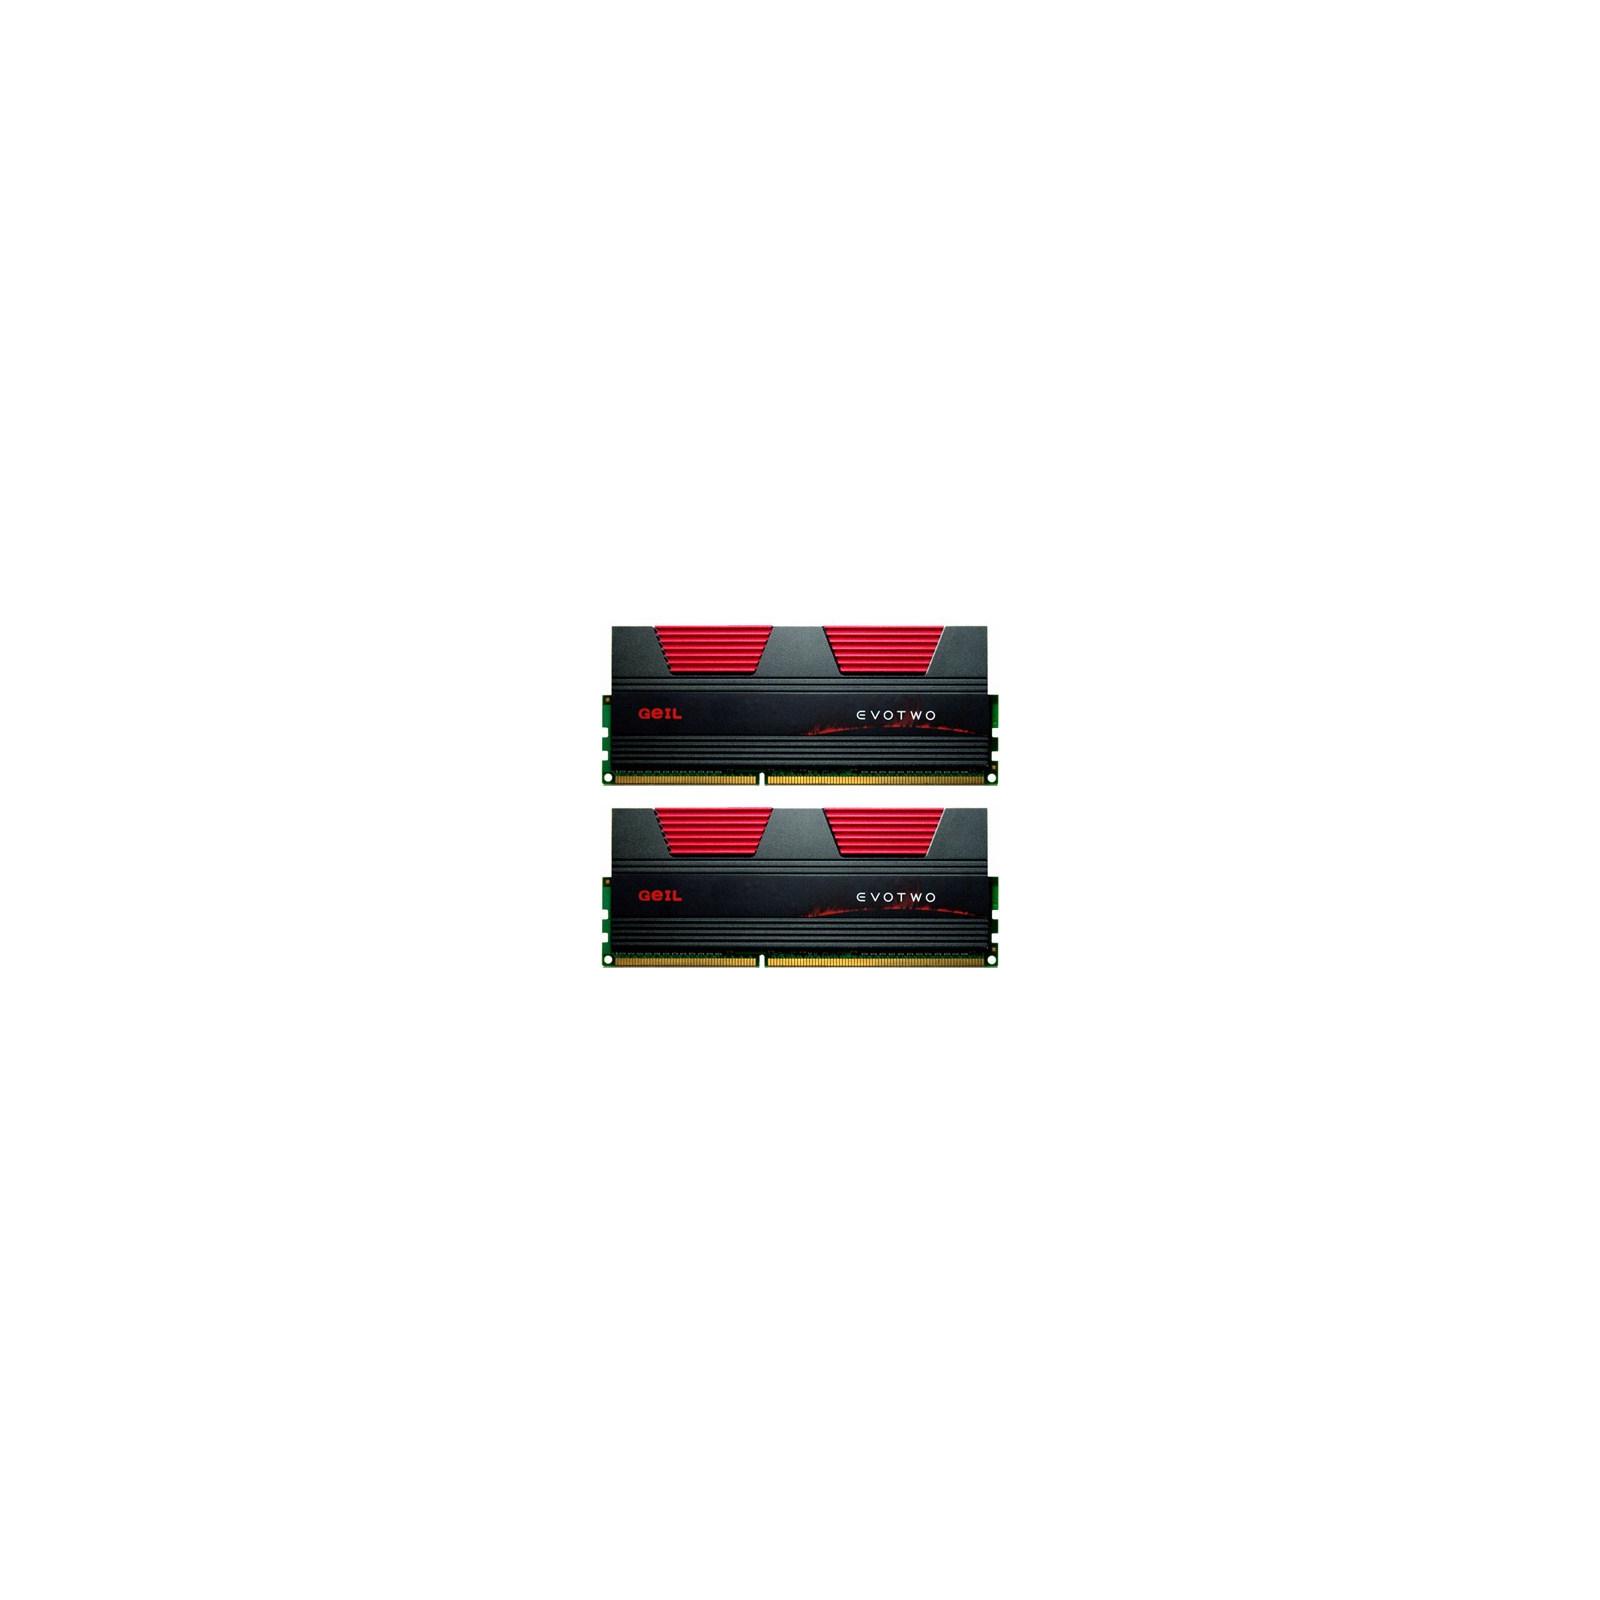 Модуль памяти для компьютера DDR3 8GB (2x4GB) 1866 MHz GEIL (GET38GB1866C9DC)